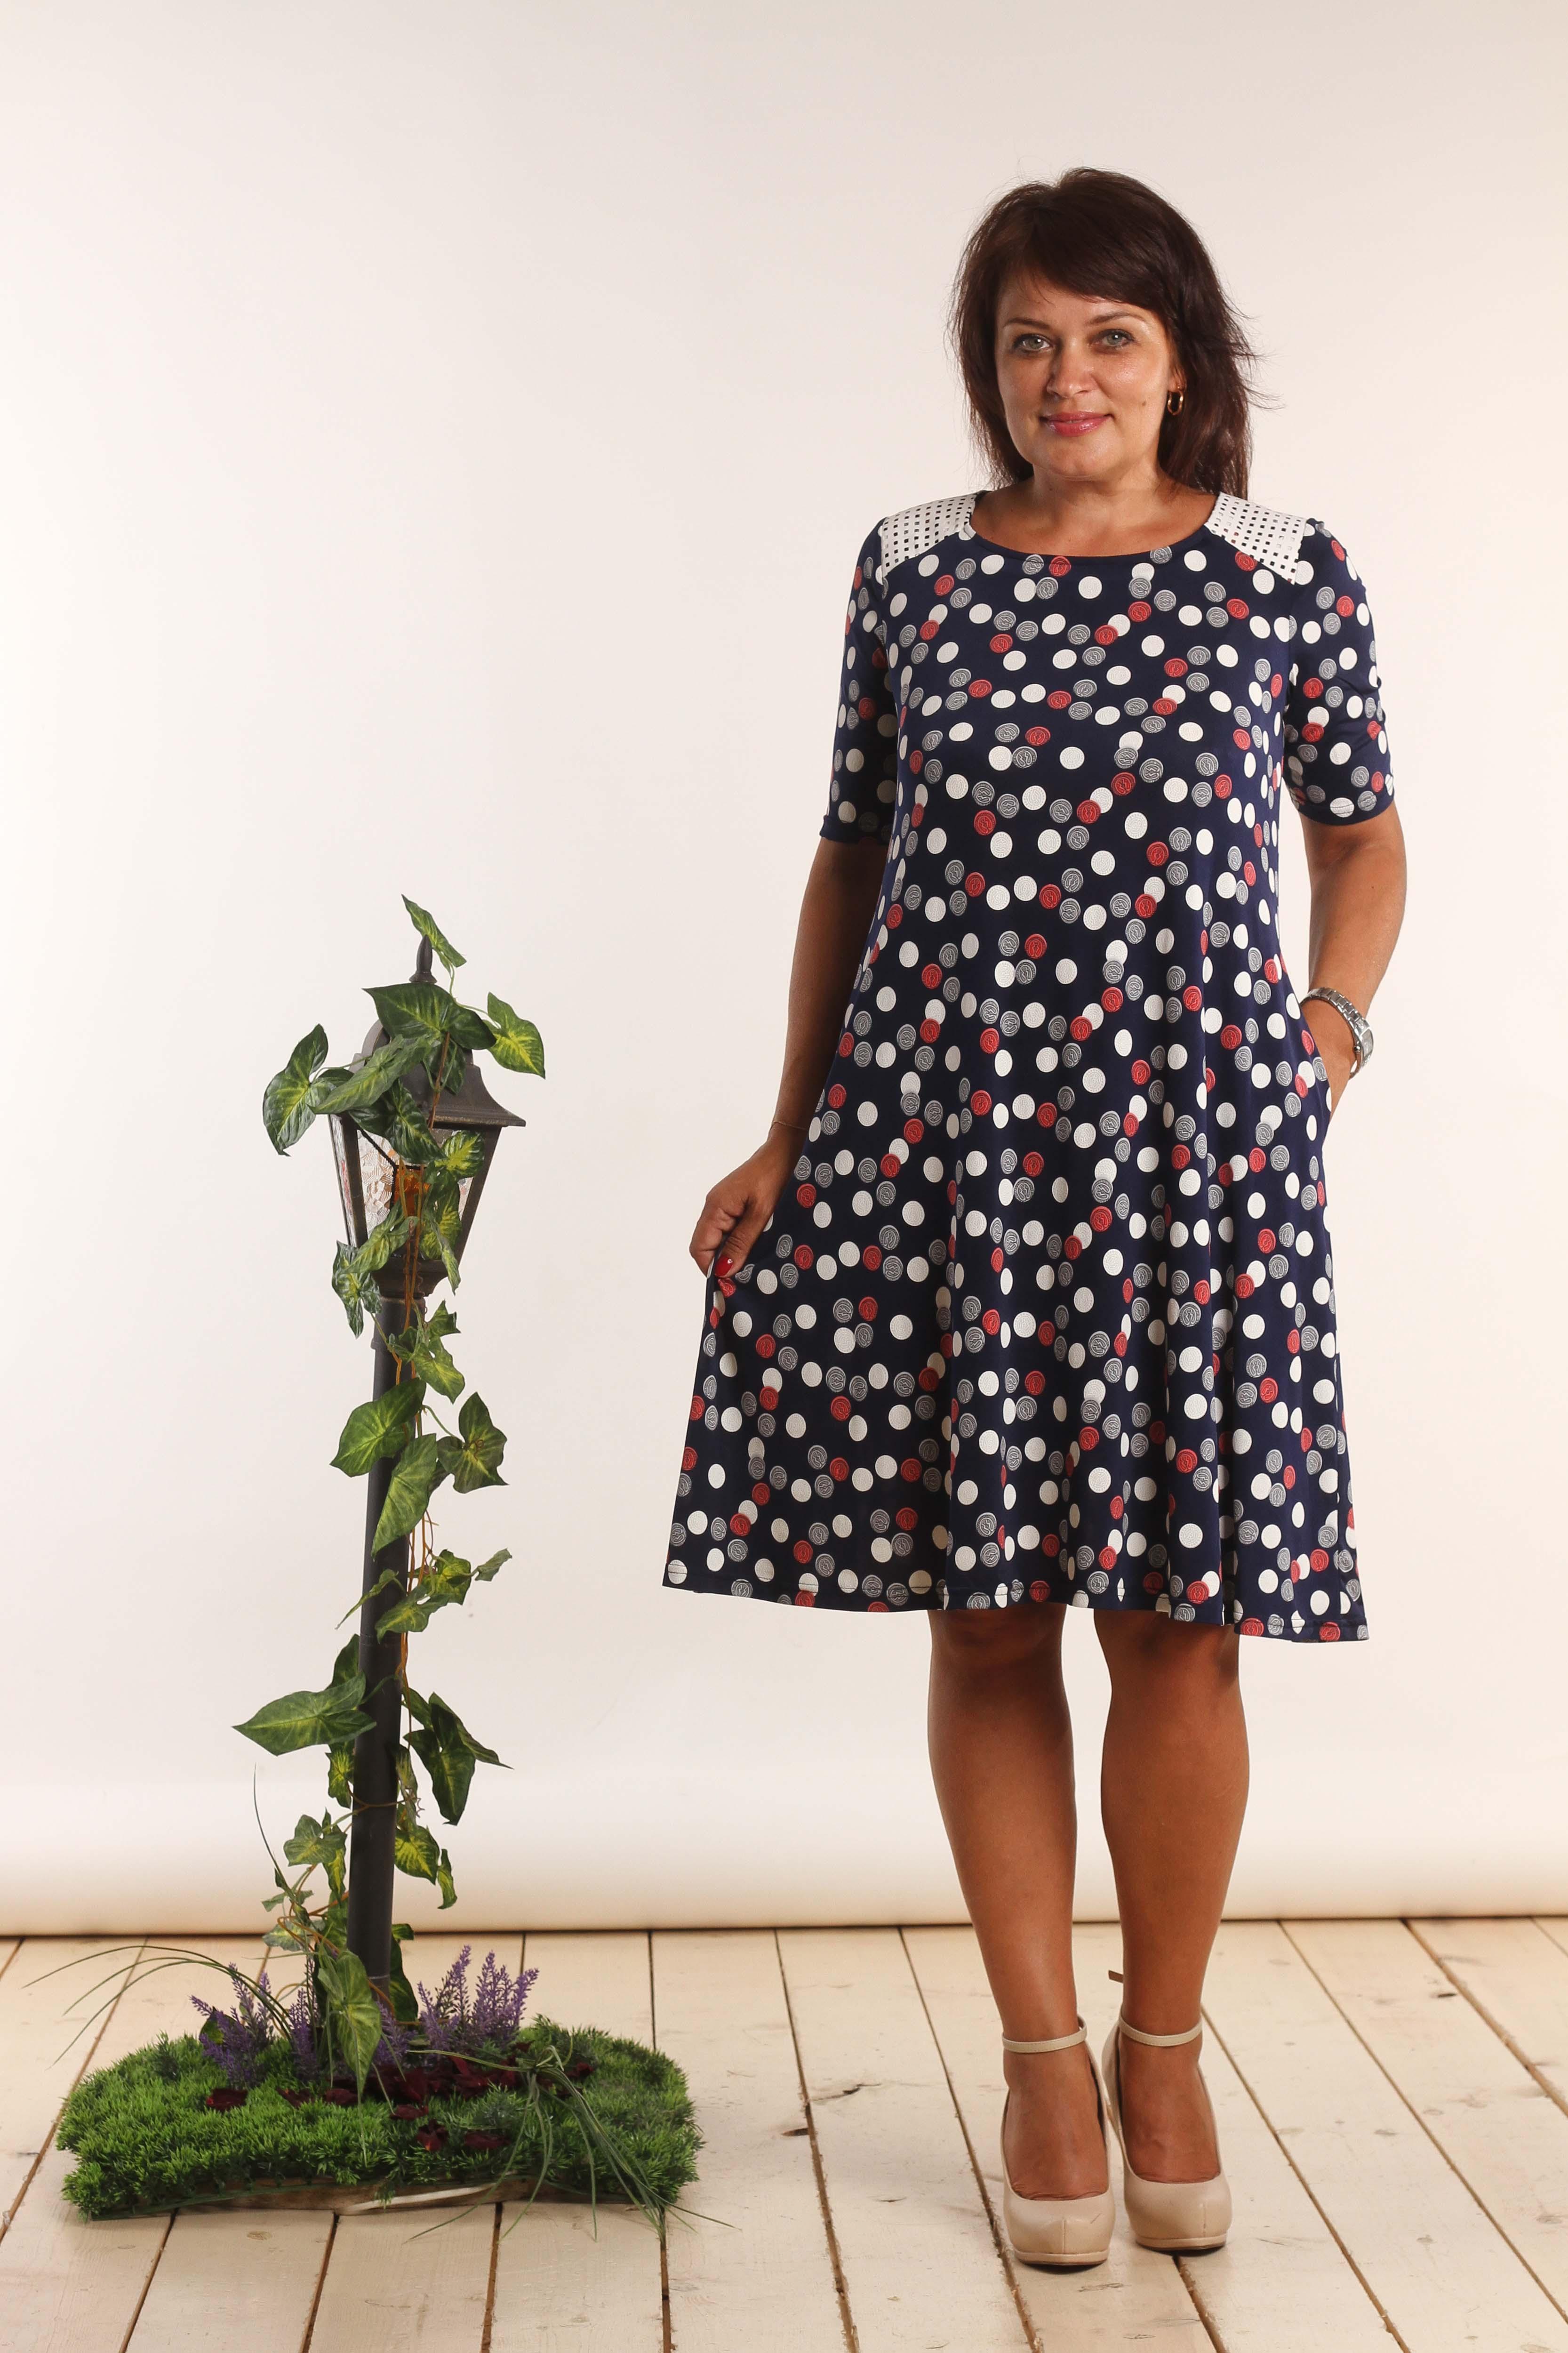 ПлатьеПлатья<br>Цветное платье в горошек трапециевидного силуэта с круглой горловиной и короткими рукавами. Модель выполнена из приятного трикотажа. Отличный выбор для повседневного гардероба.  В изделии использованы цвета: синий, серый, белый и др.  Длина изделия: 48 размер - 89 см 50 размер - 90 см 52 размер - 91 см 54 размер - 92 см 56 размер - 93 см  Длина рукава 26 см.  Рост девушки-фотомодели 164 см<br><br>Горловина: С- горловина<br>По длине: До колена<br>По материалу: Вискоза,Трикотаж<br>По образу: Город,Свидание<br>По рисунку: В горошек,С принтом,Цветные<br>По сезону: Лето,Осень,Весна<br>По силуэту: Свободные<br>По стилю: Повседневный стиль<br>По форме: Платье - трапеция<br>По элементам: С декором,С карманами<br>Рукав: Короткий рукав<br>Размер : 48,50,52<br>Материал: Трикотаж<br>Количество в наличии: 3